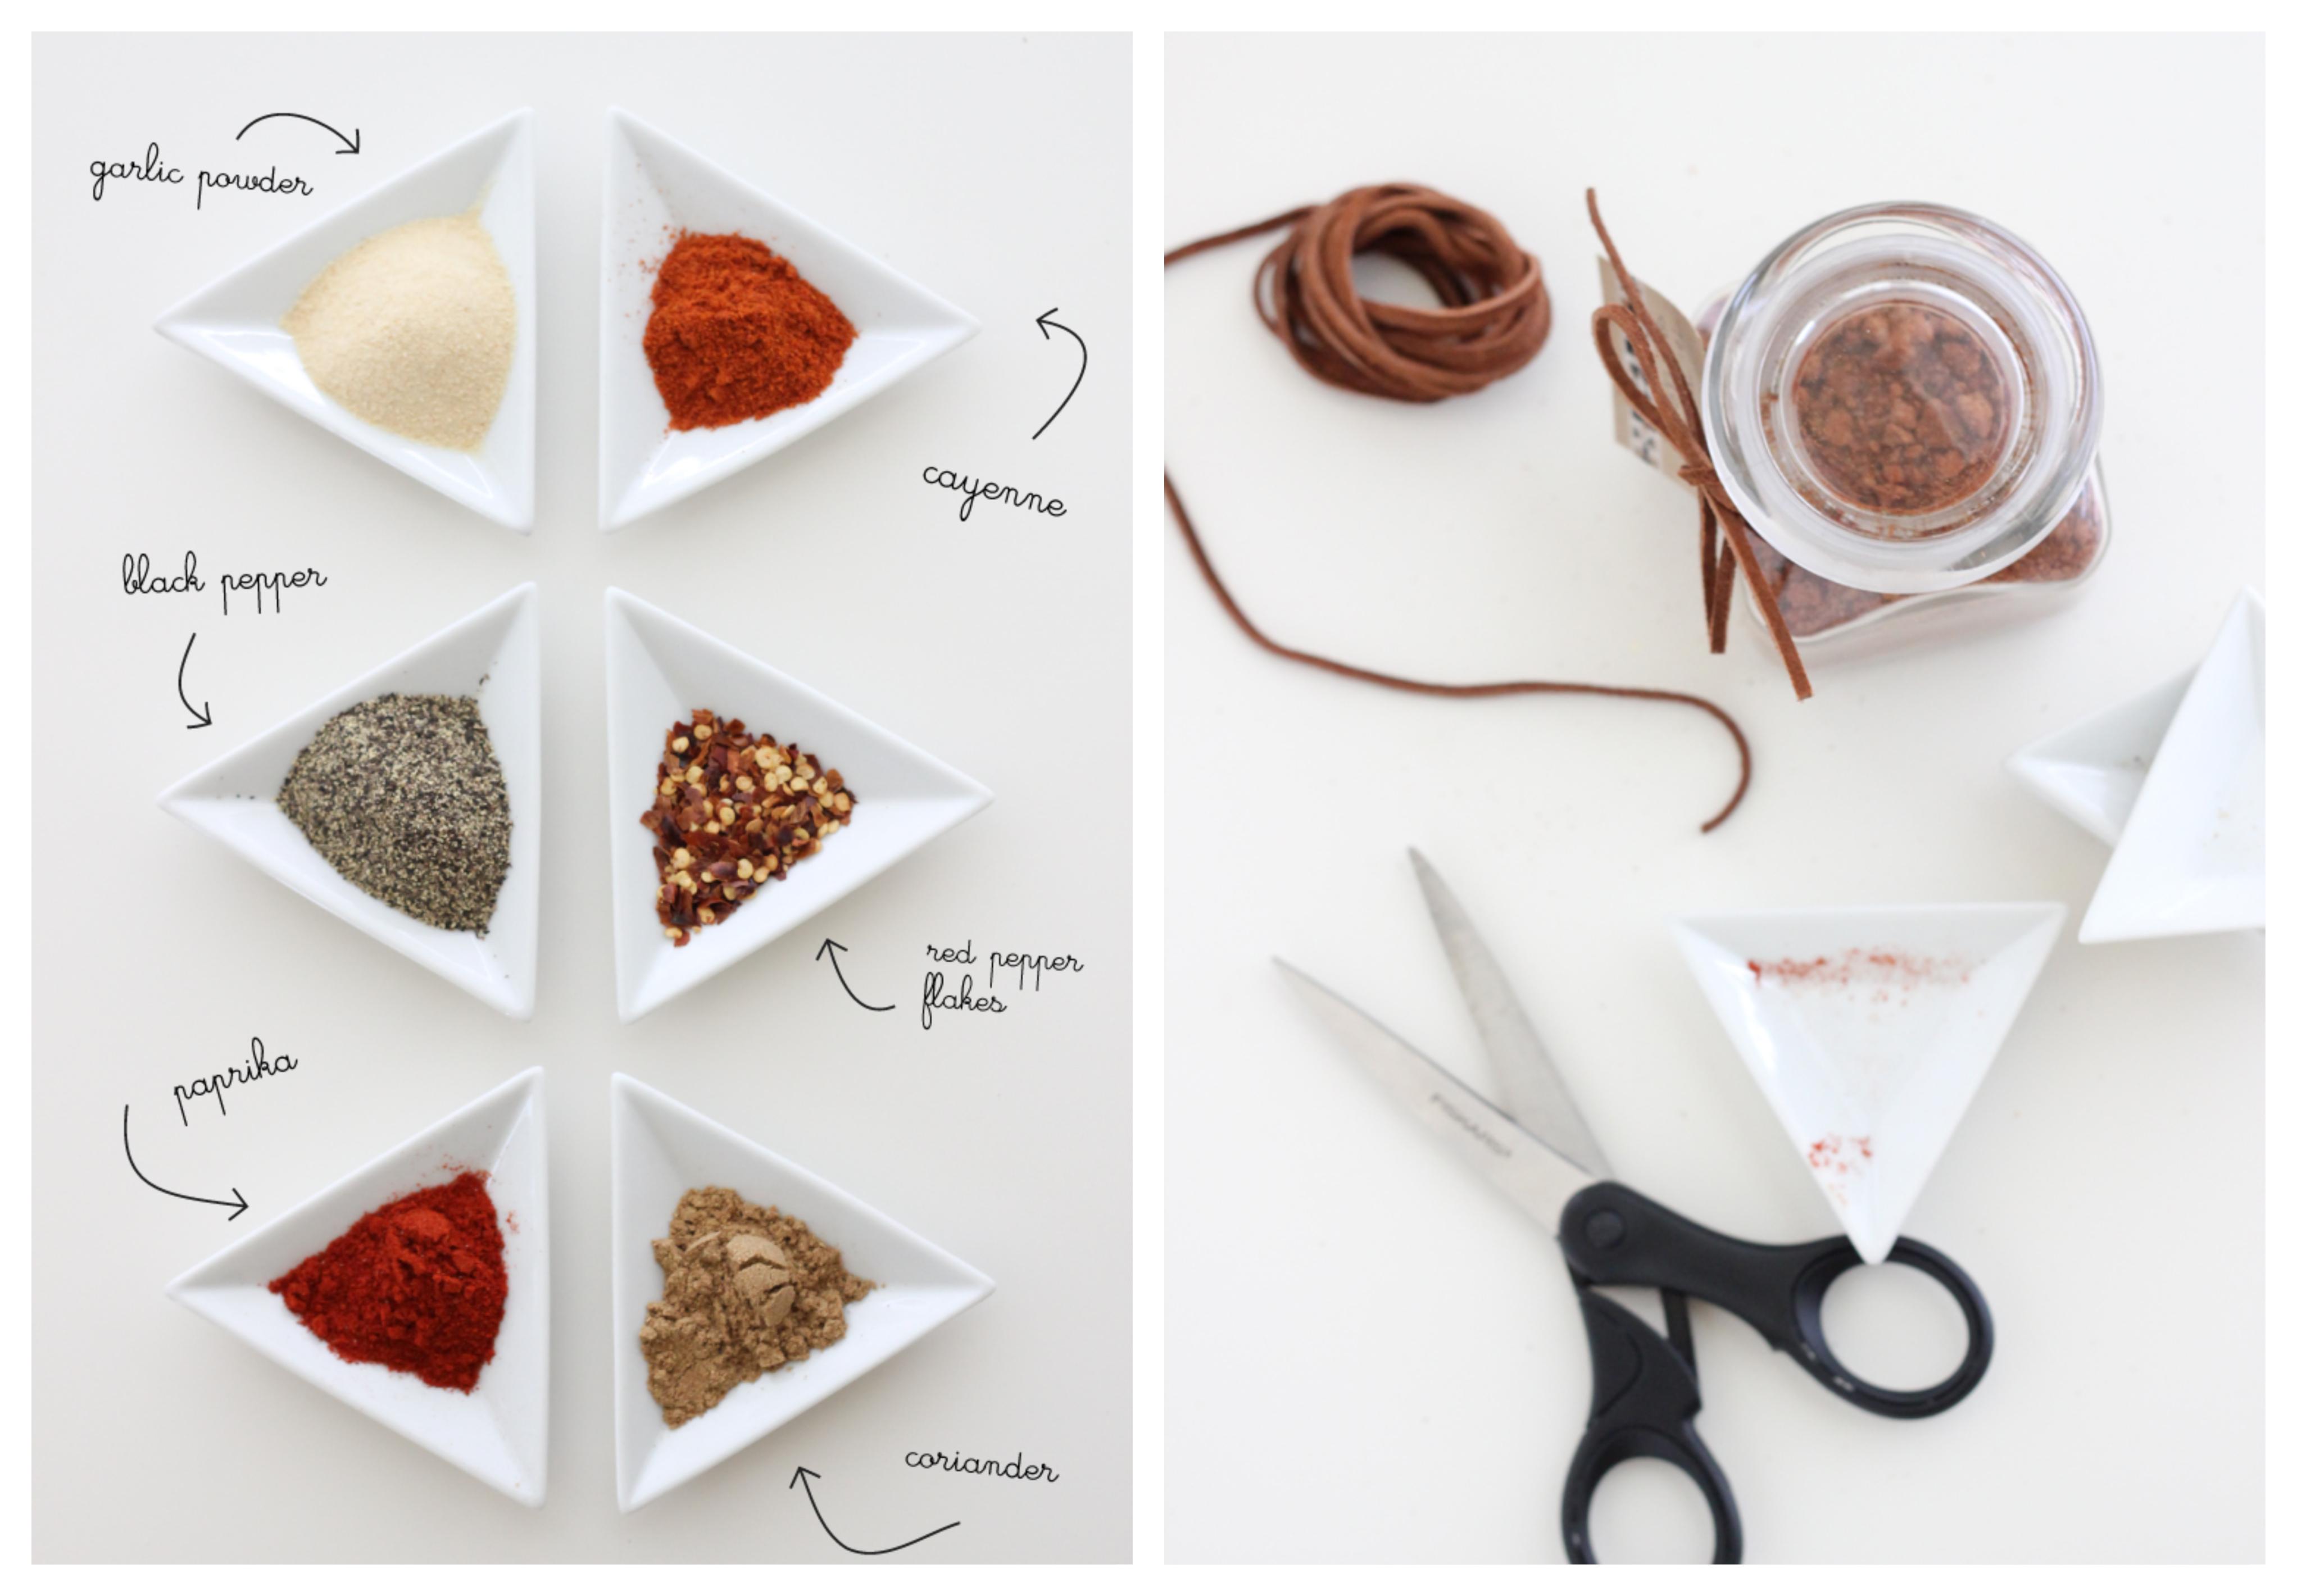 idée d ingrédients barbecue pour viande poulet, boeuf et porc dans un pot en verre hermétique, cadeau fete des peres original